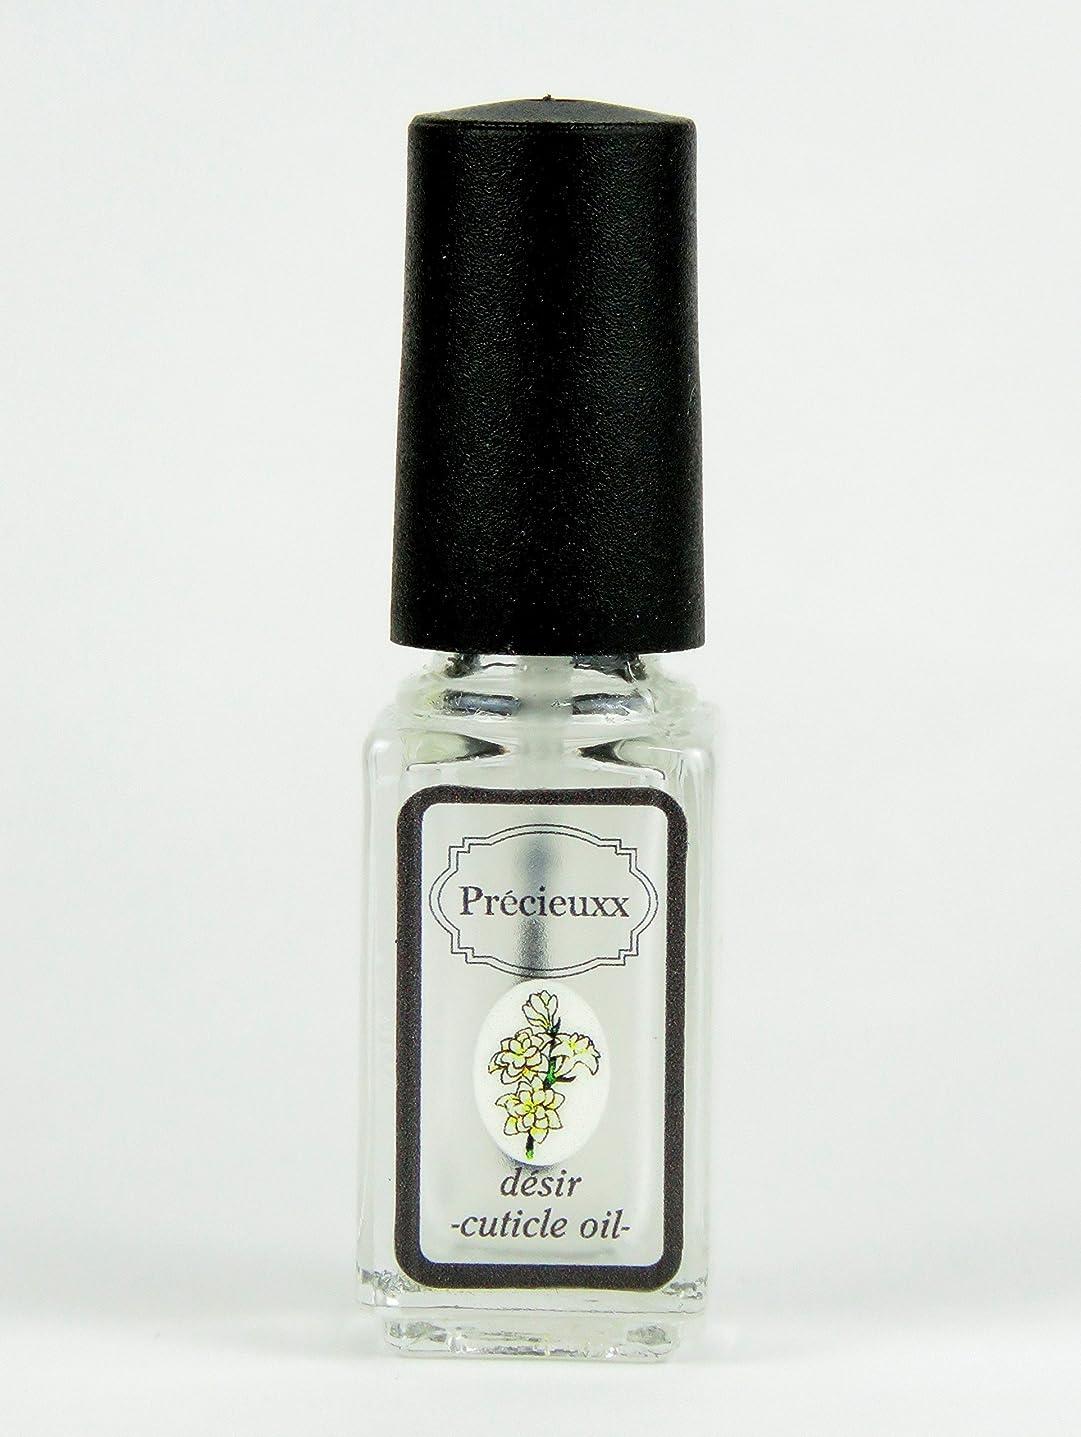 風が強い甘やかす地平線オーガニック ネイルオイル Precieuxx(プレシュー) ネイルアンドキューティクルボタニカルオイル 5ml チュベローズ